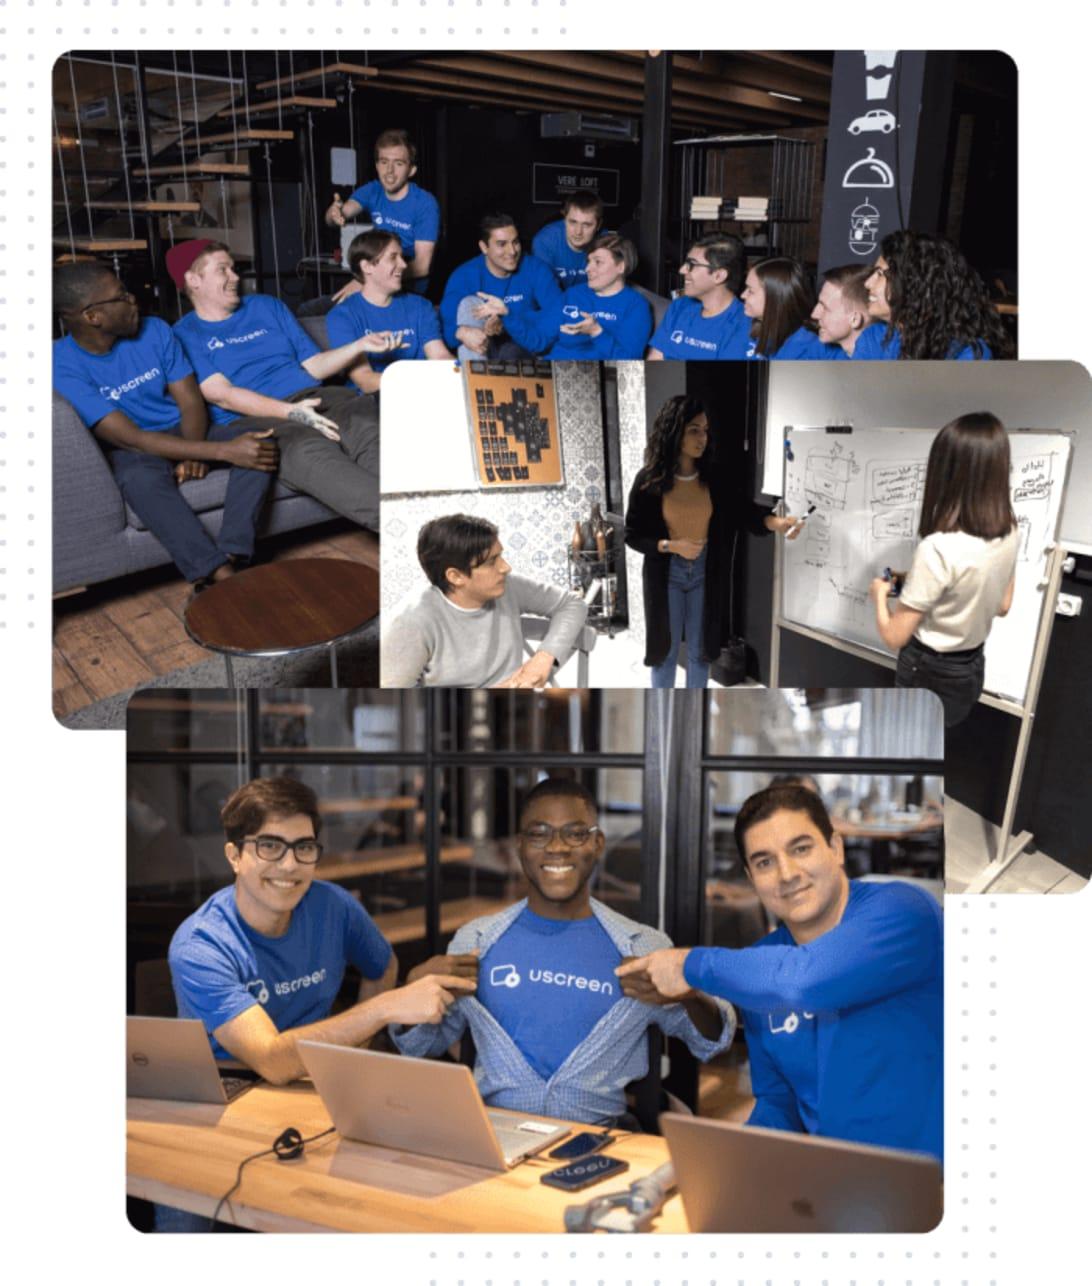 Uscreen Remote company team